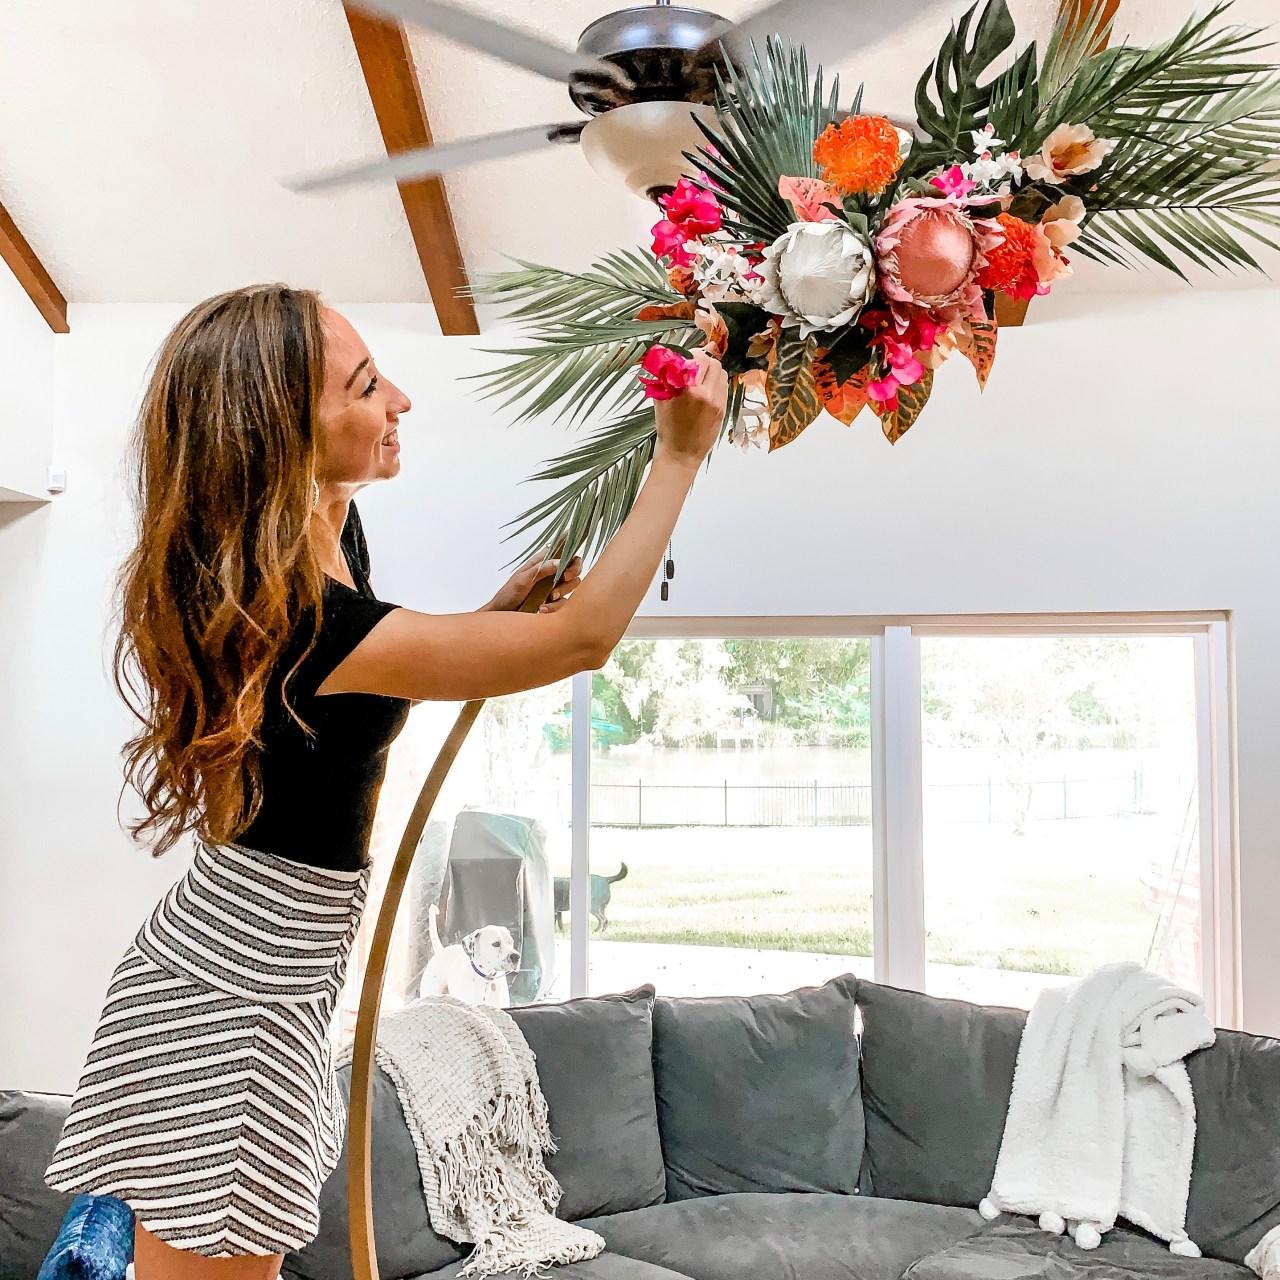 Tropical Wedding Arch Decor DIY